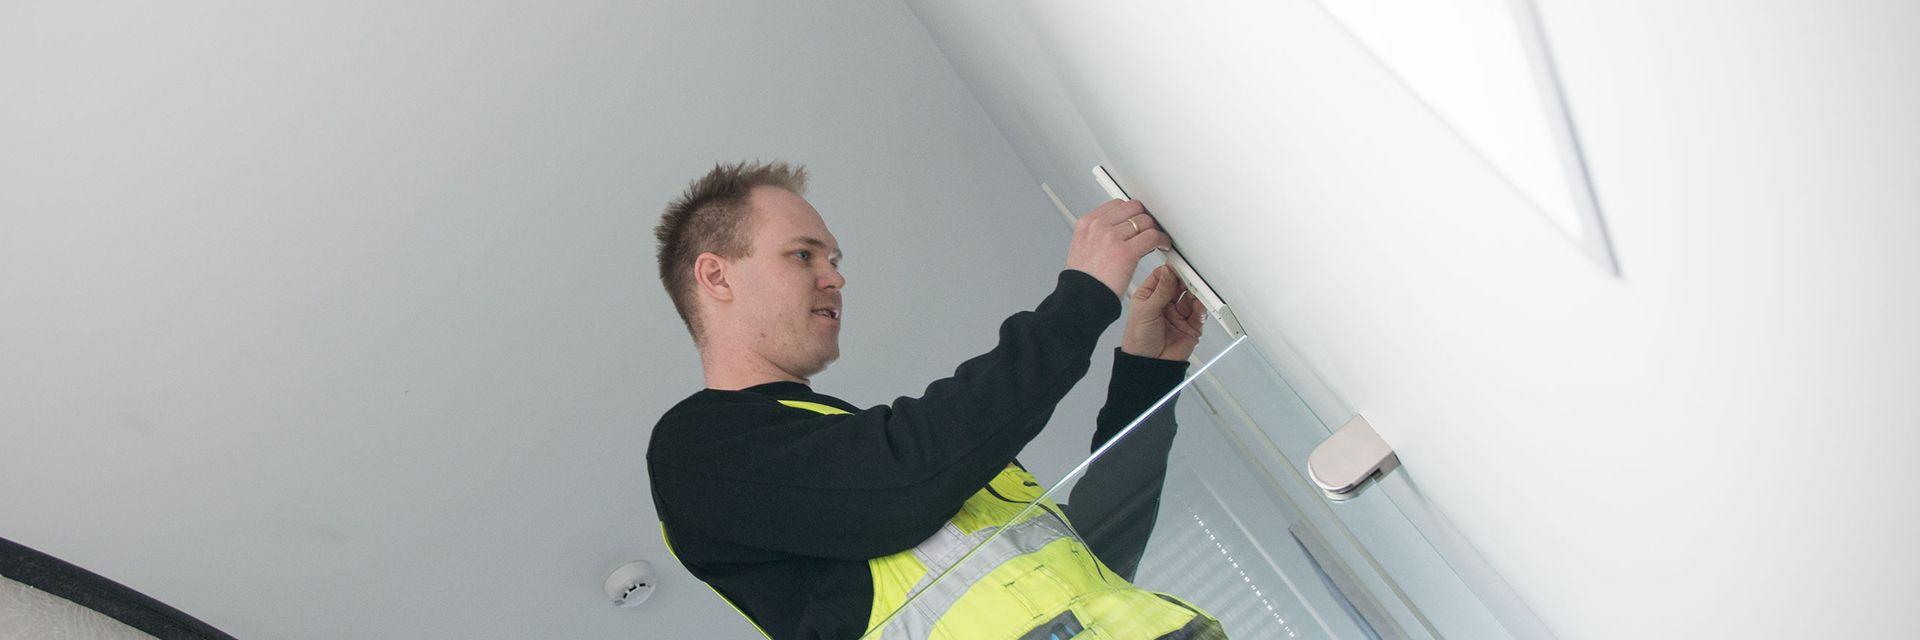 ANNONSE: Så lite jobb er det for en elektriker å installere et smart hjem